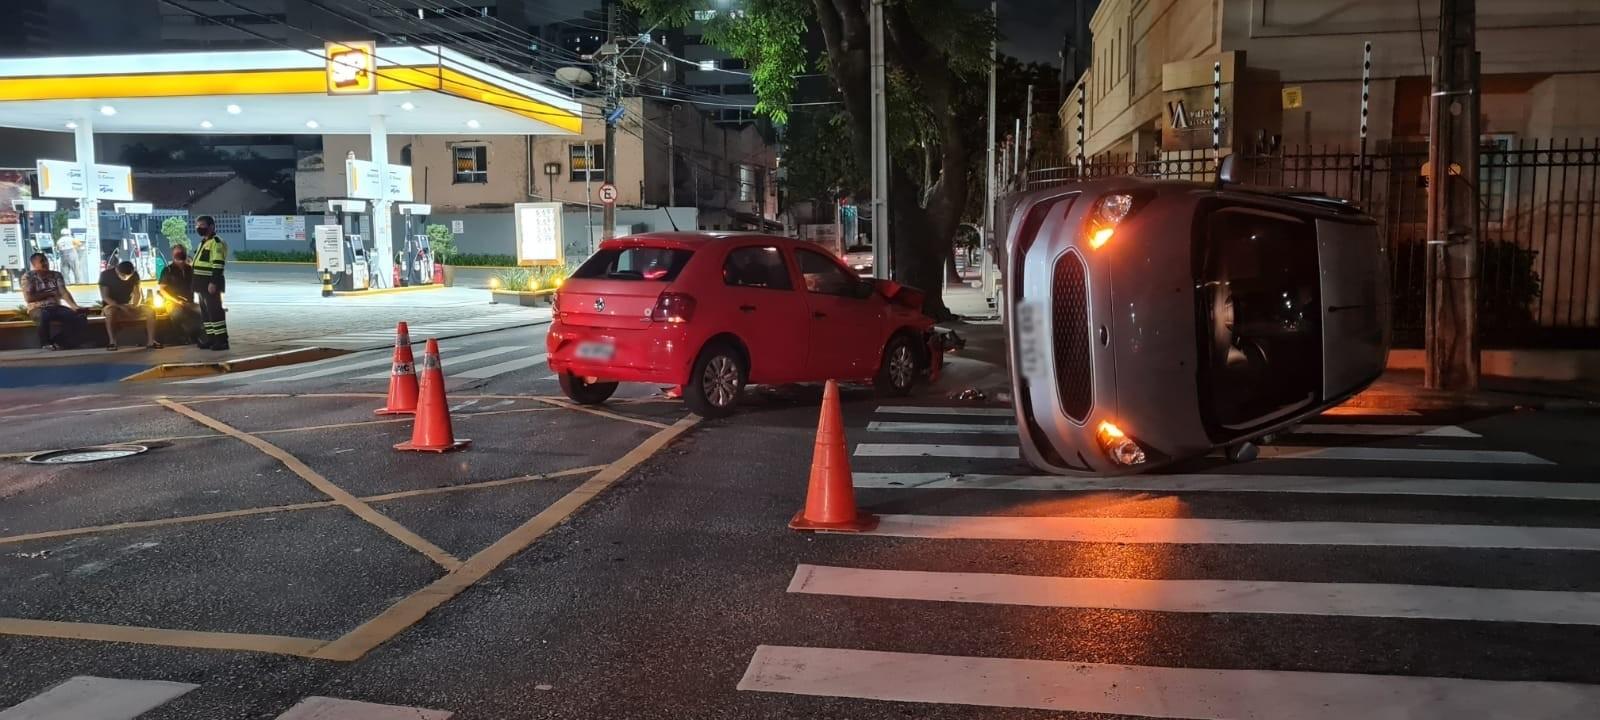 Motorista que levava mãe para cirurgia avança preferencial e colide contra outro veículo, que capota, em Fortaleza